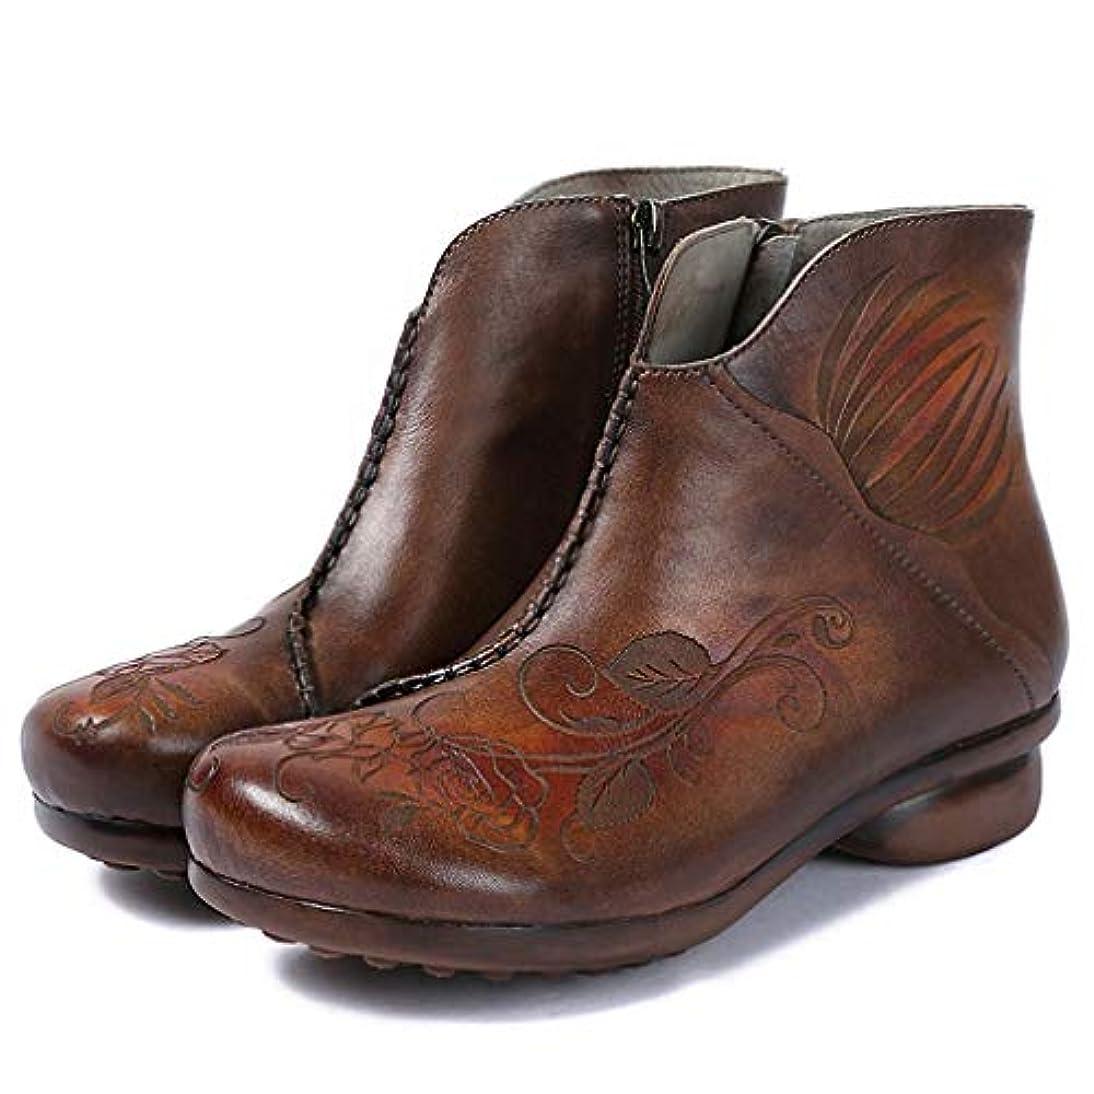 失風味反対した女性の足首のブーツ、秋冬レザーシューズビンテージの花厚手のローヒールの靴ファッションウォーキングシューズ (色 : A, サイズ : 36)